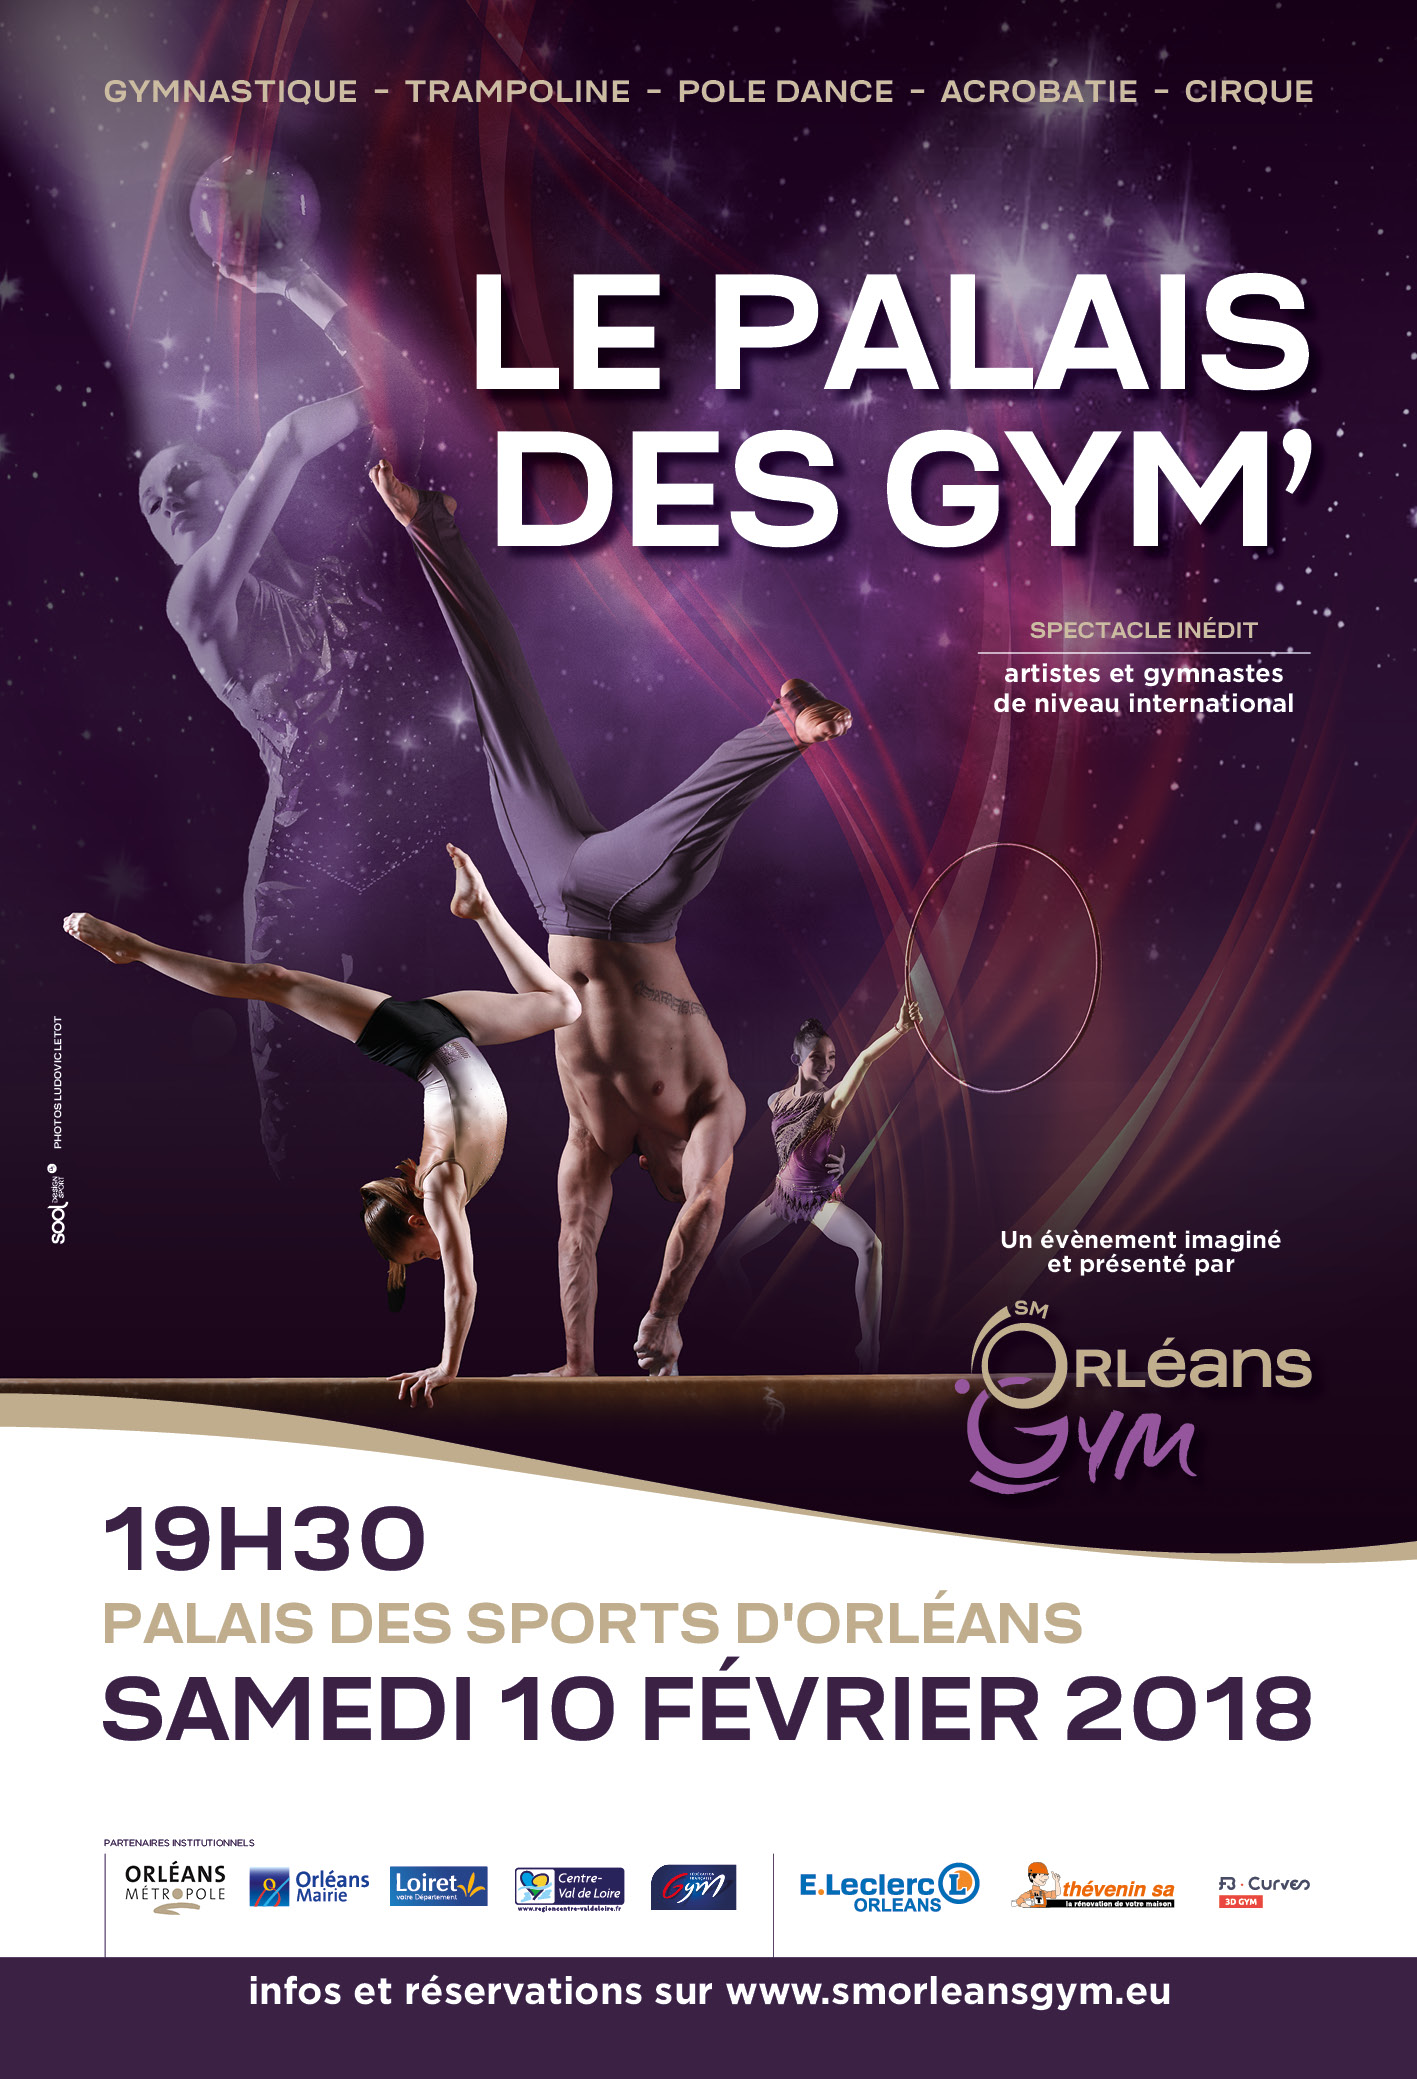 Événement : Le Palais des Gym'